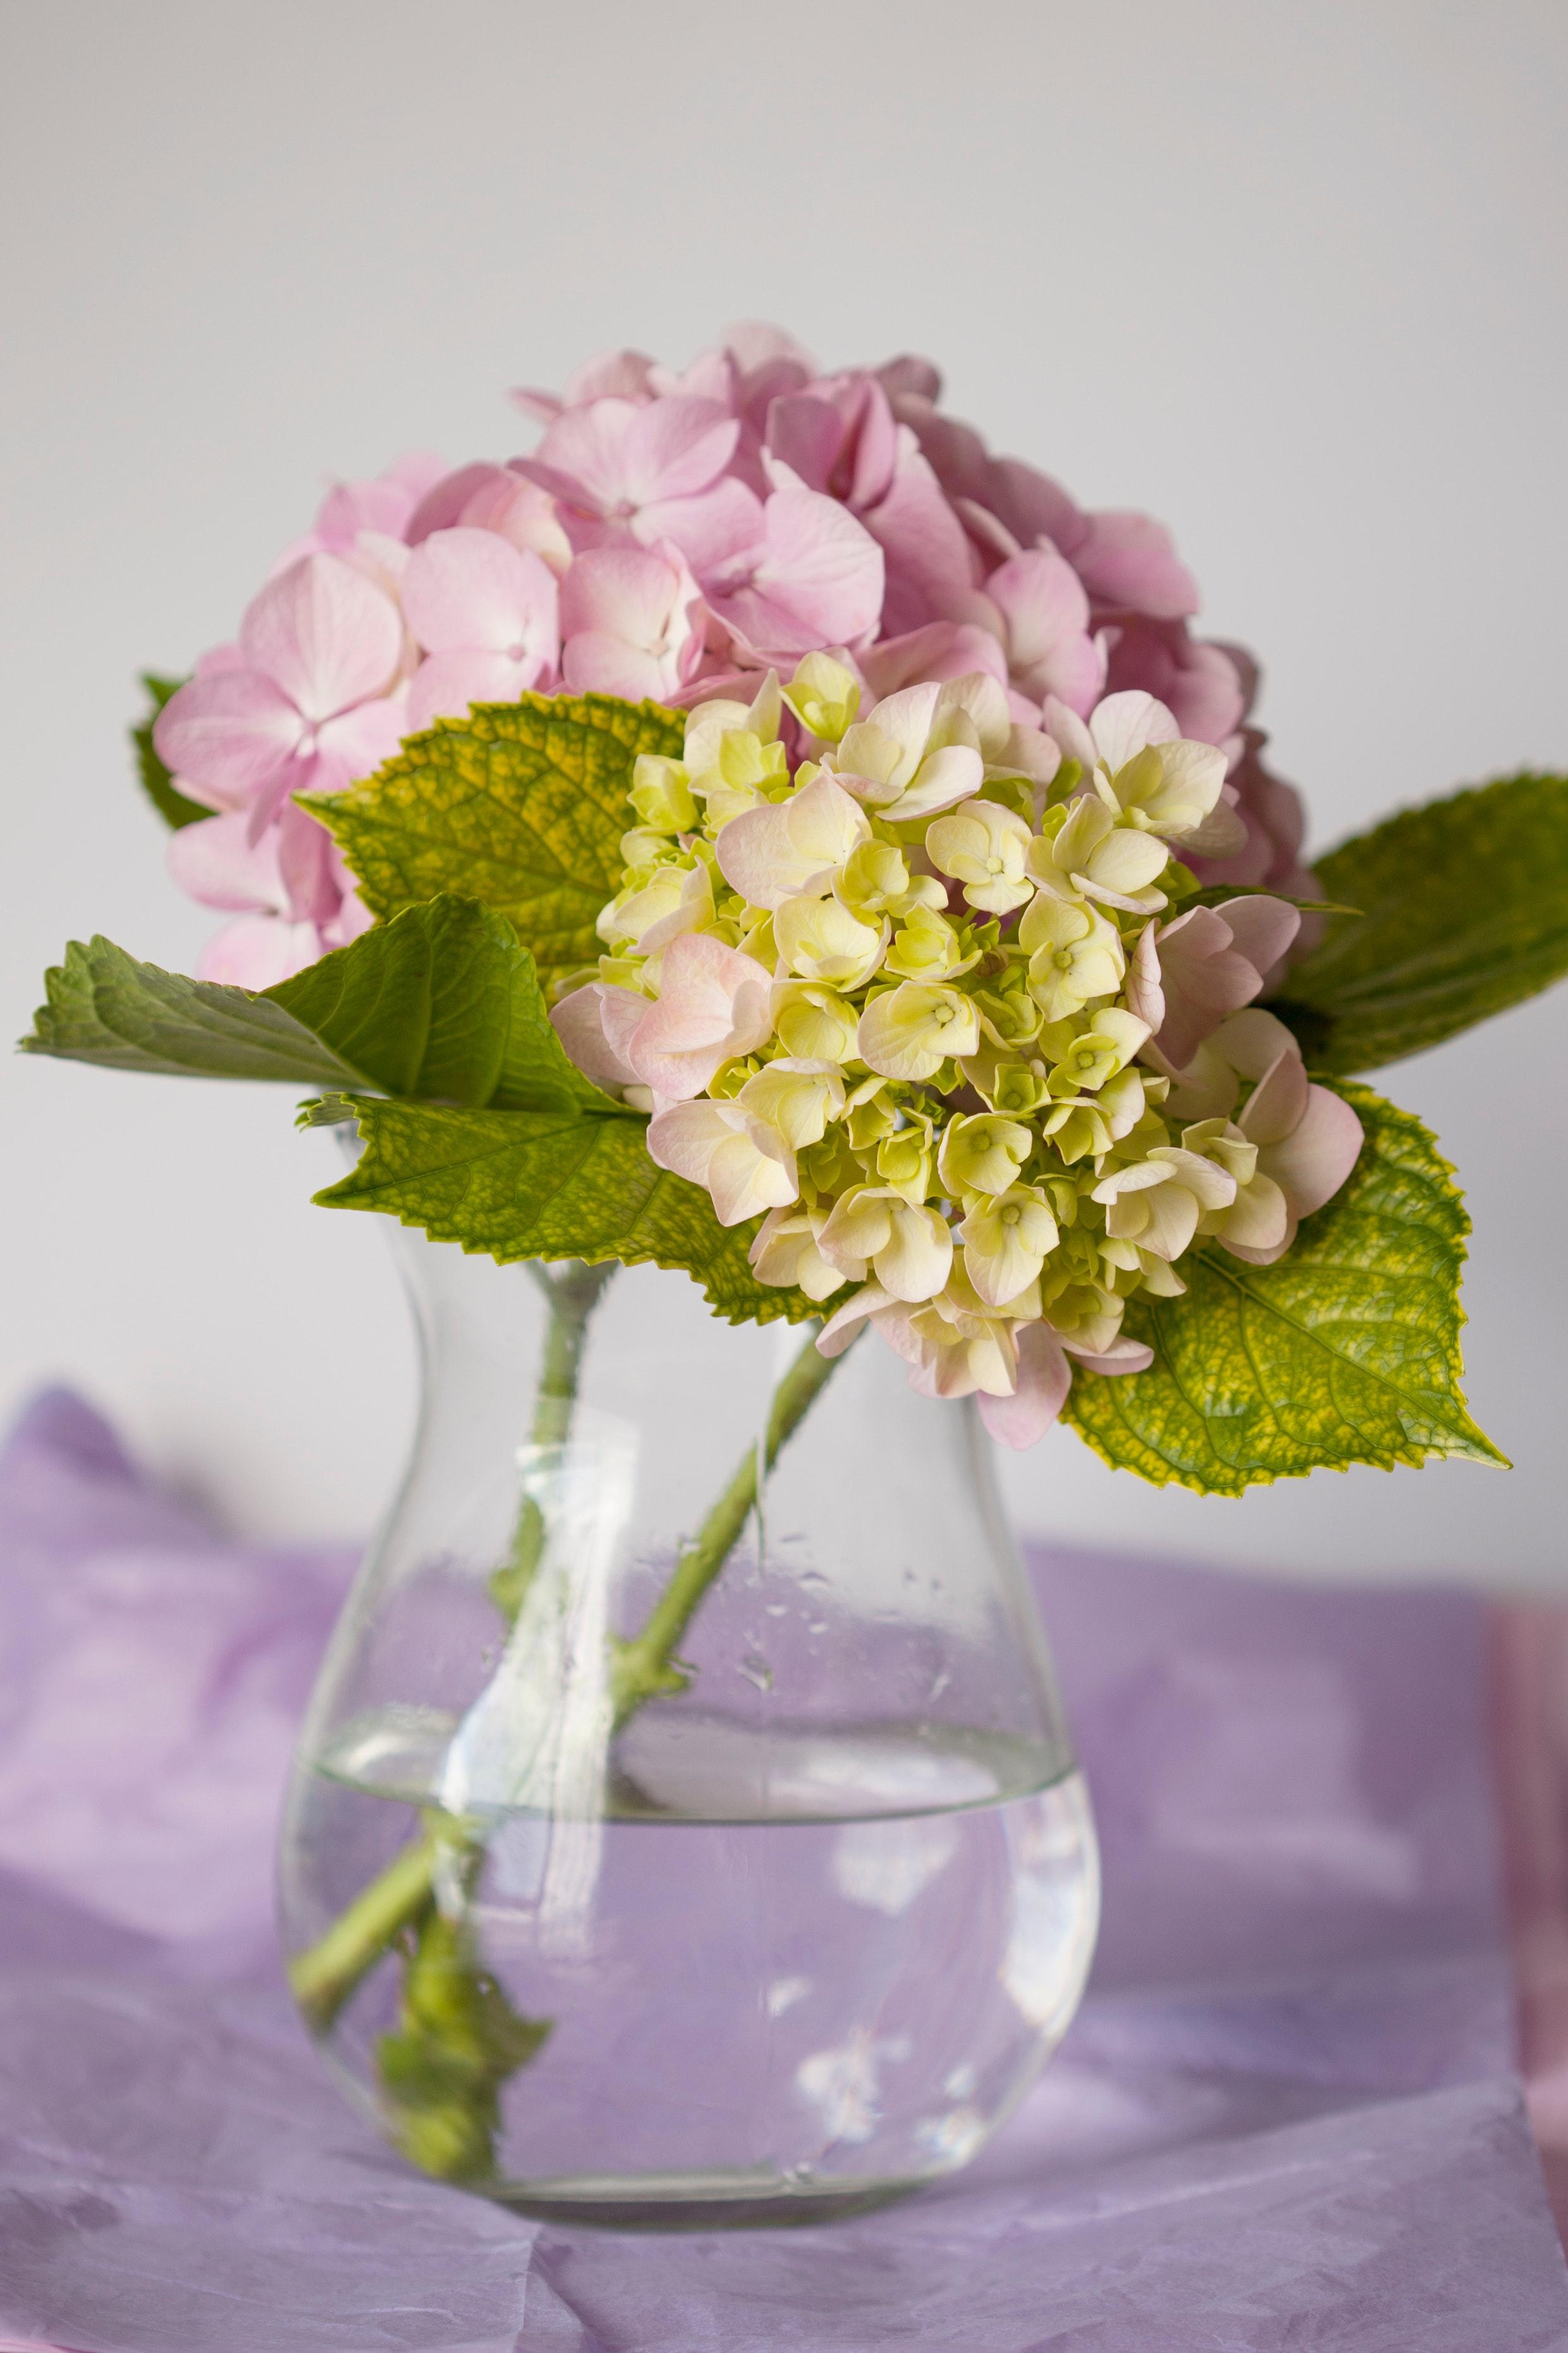 Hydrangeas in a lovely vase